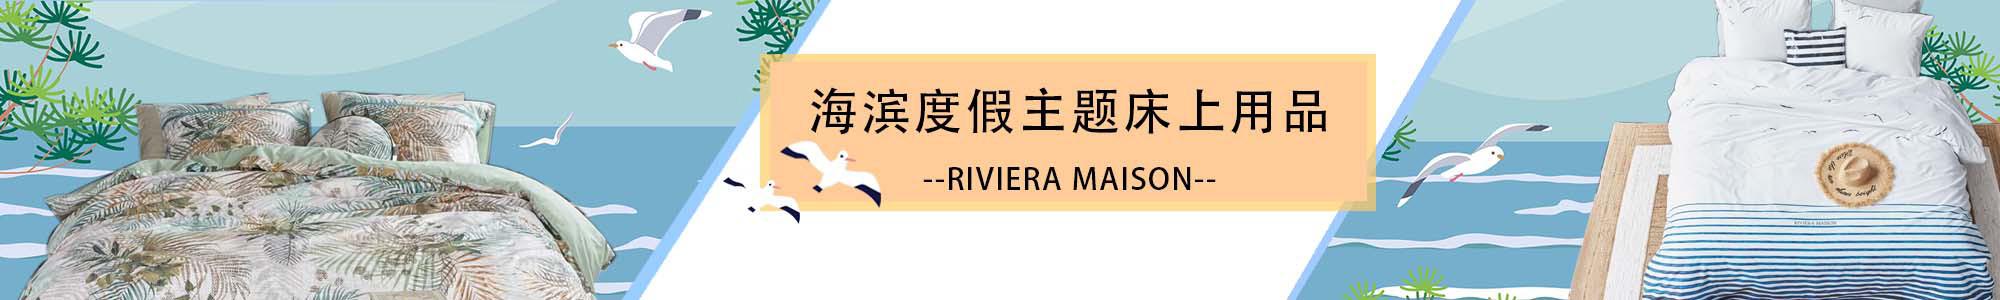 海滨度假主题床上用品RIVIERA MAISON